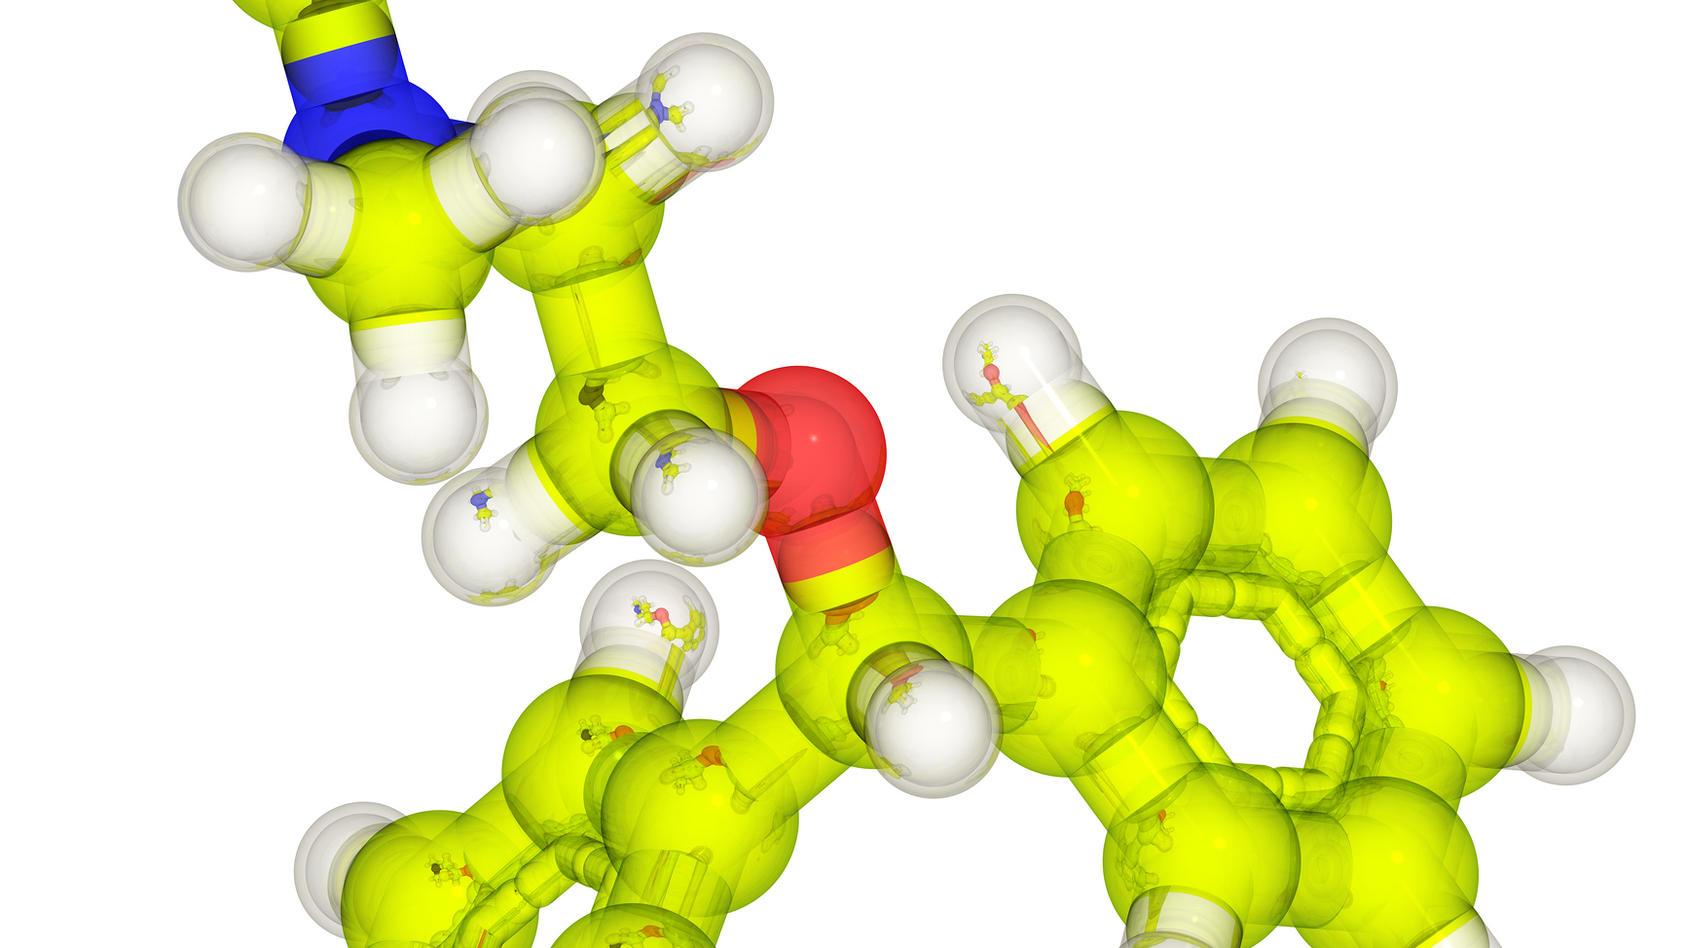 Diphenhydramin ist ein dämpfender, antiallergischer und anticholinerger Wirkstoff